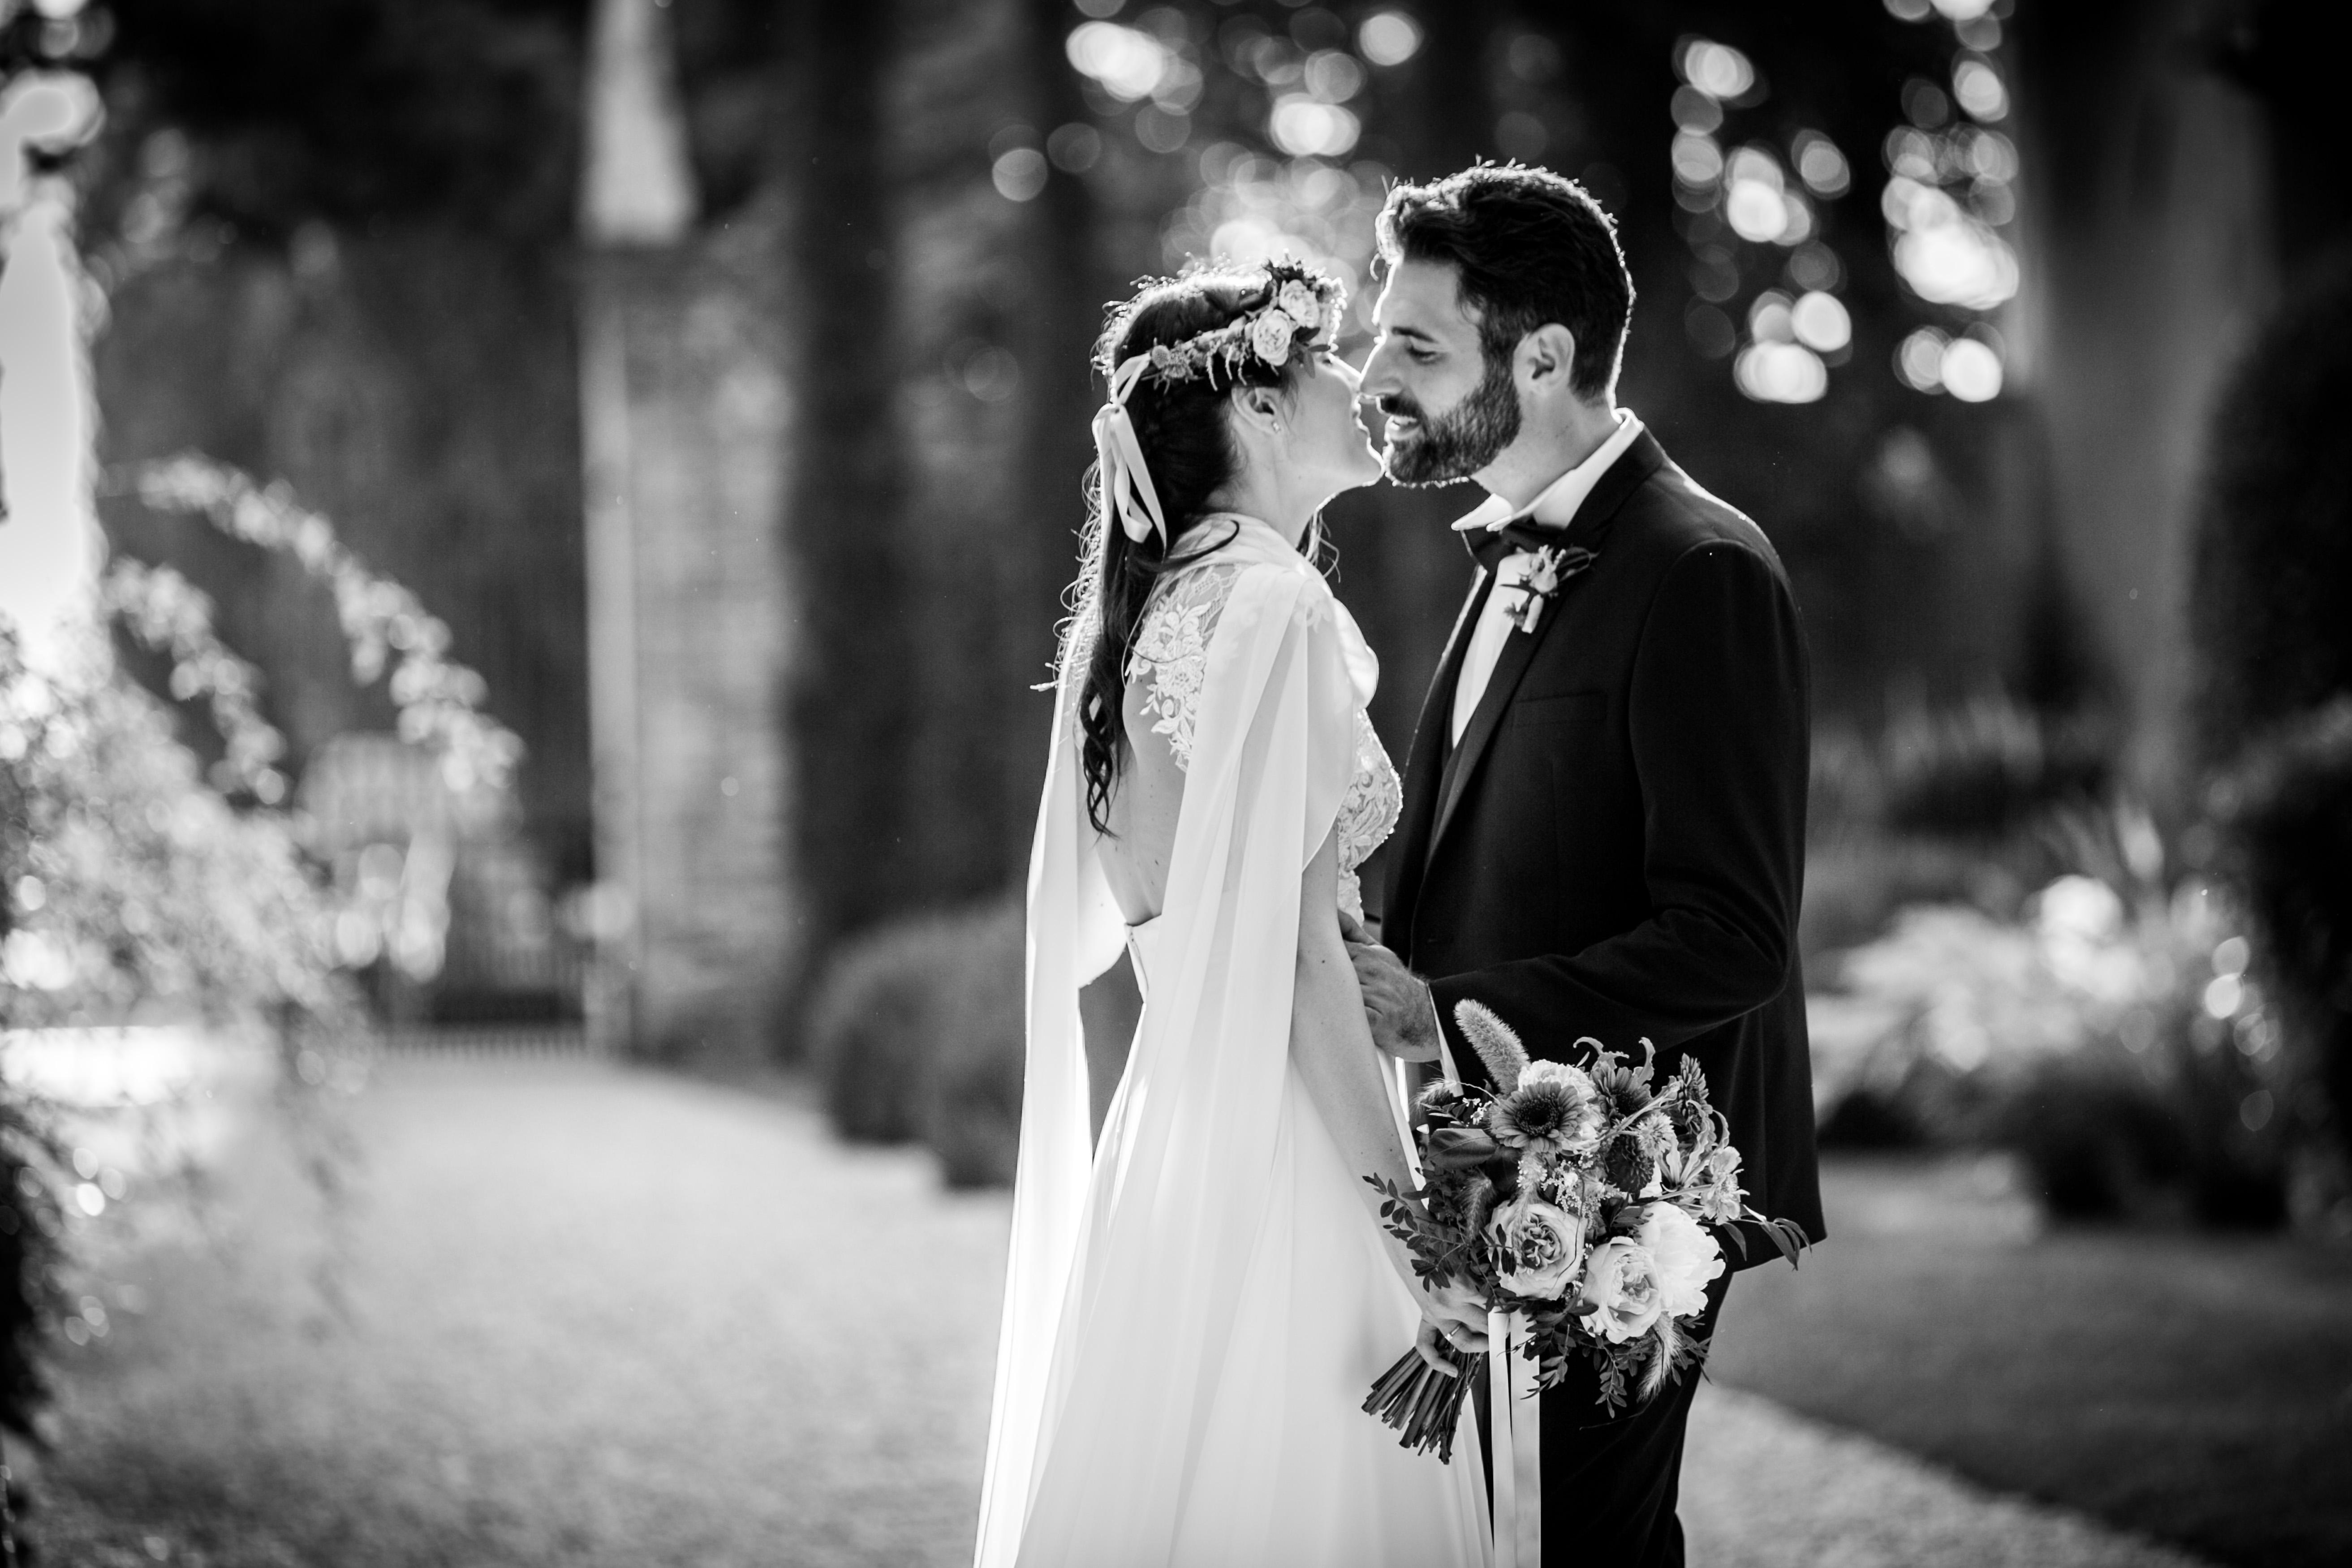 0023_gilberti_ricca_convento_annunciata_fotografi_matrimonio